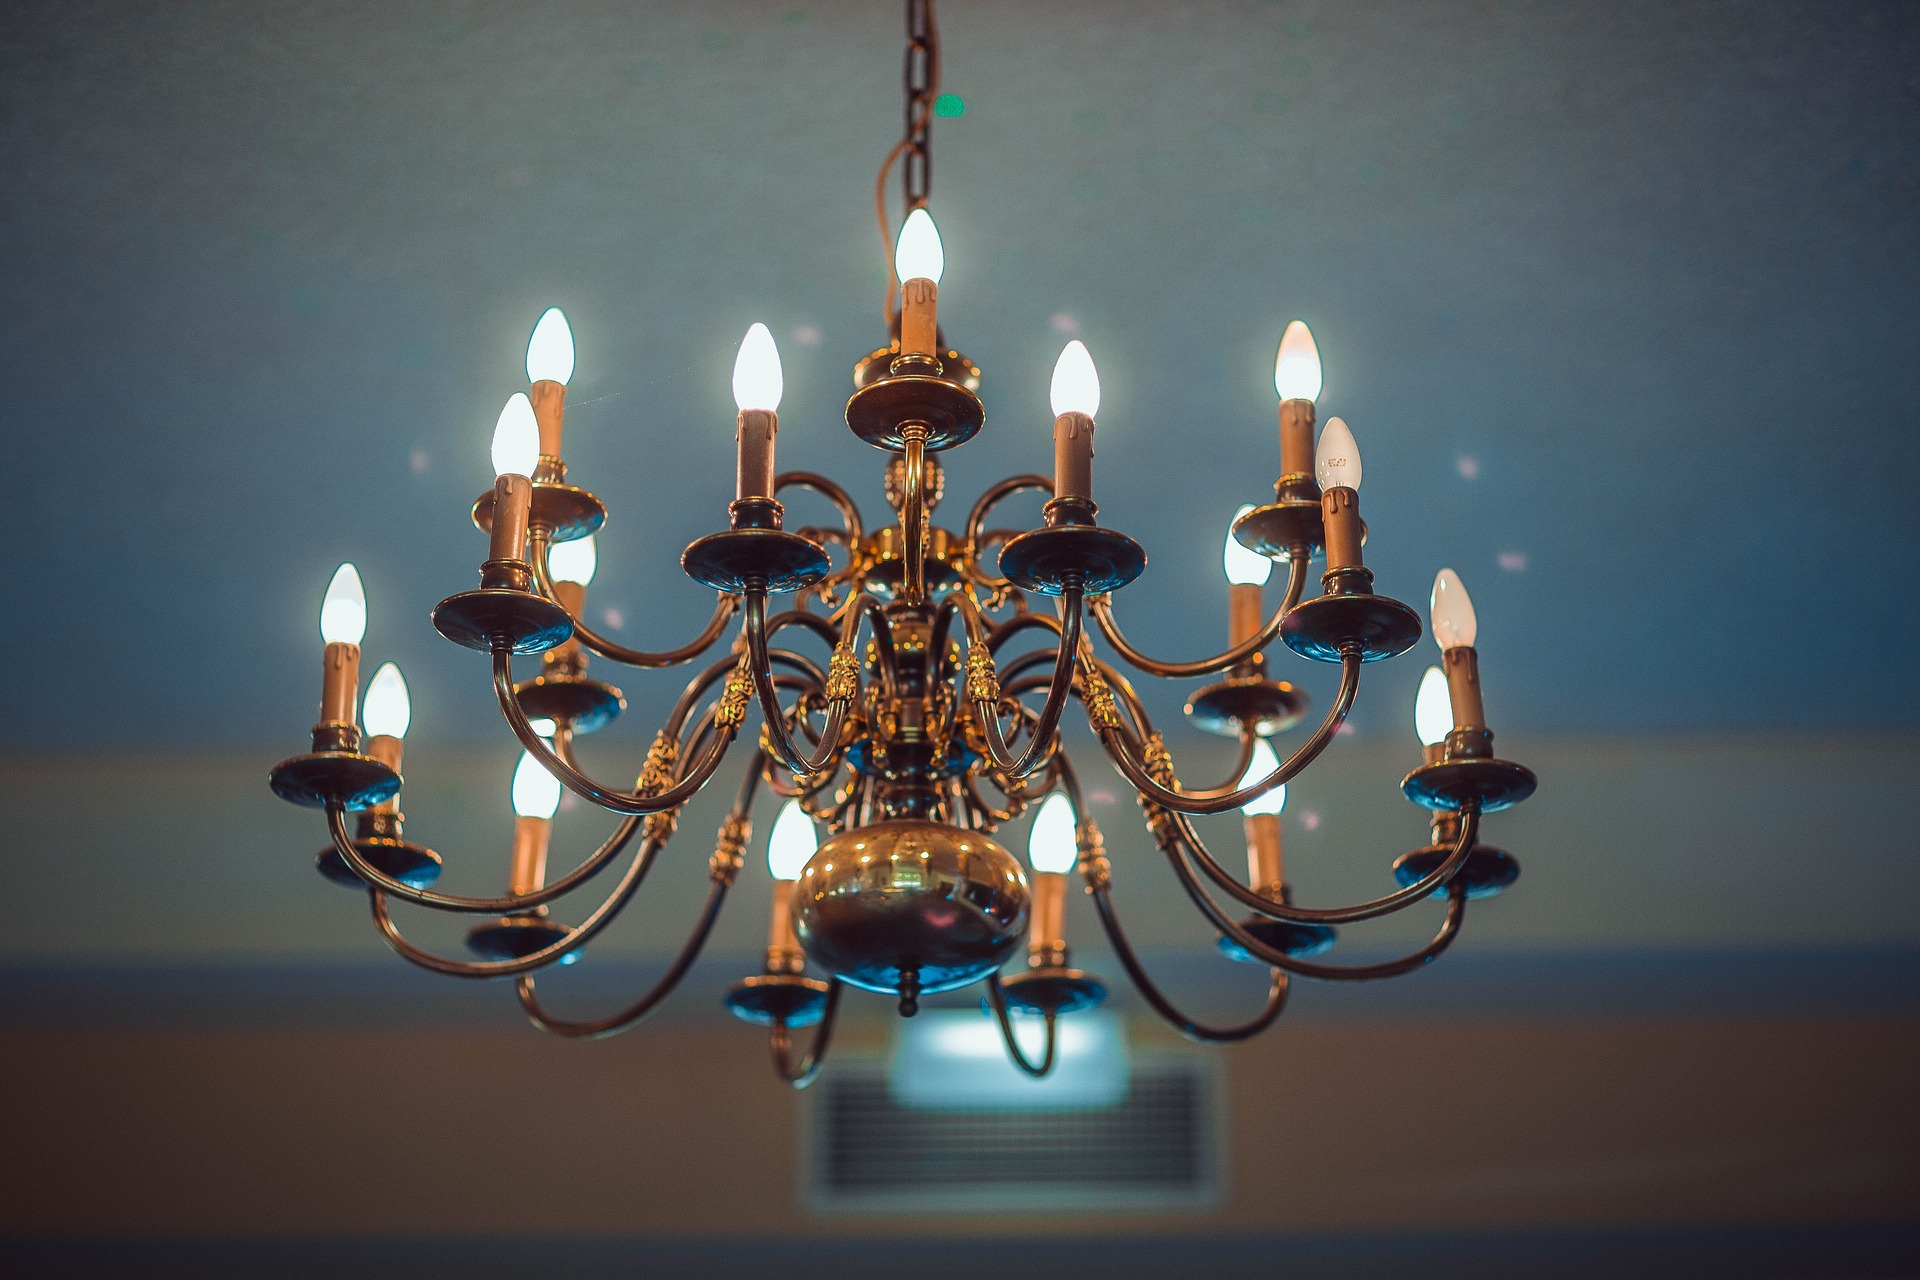 Die Prächtigste Lampe Der Welt: Der Kronleuchter